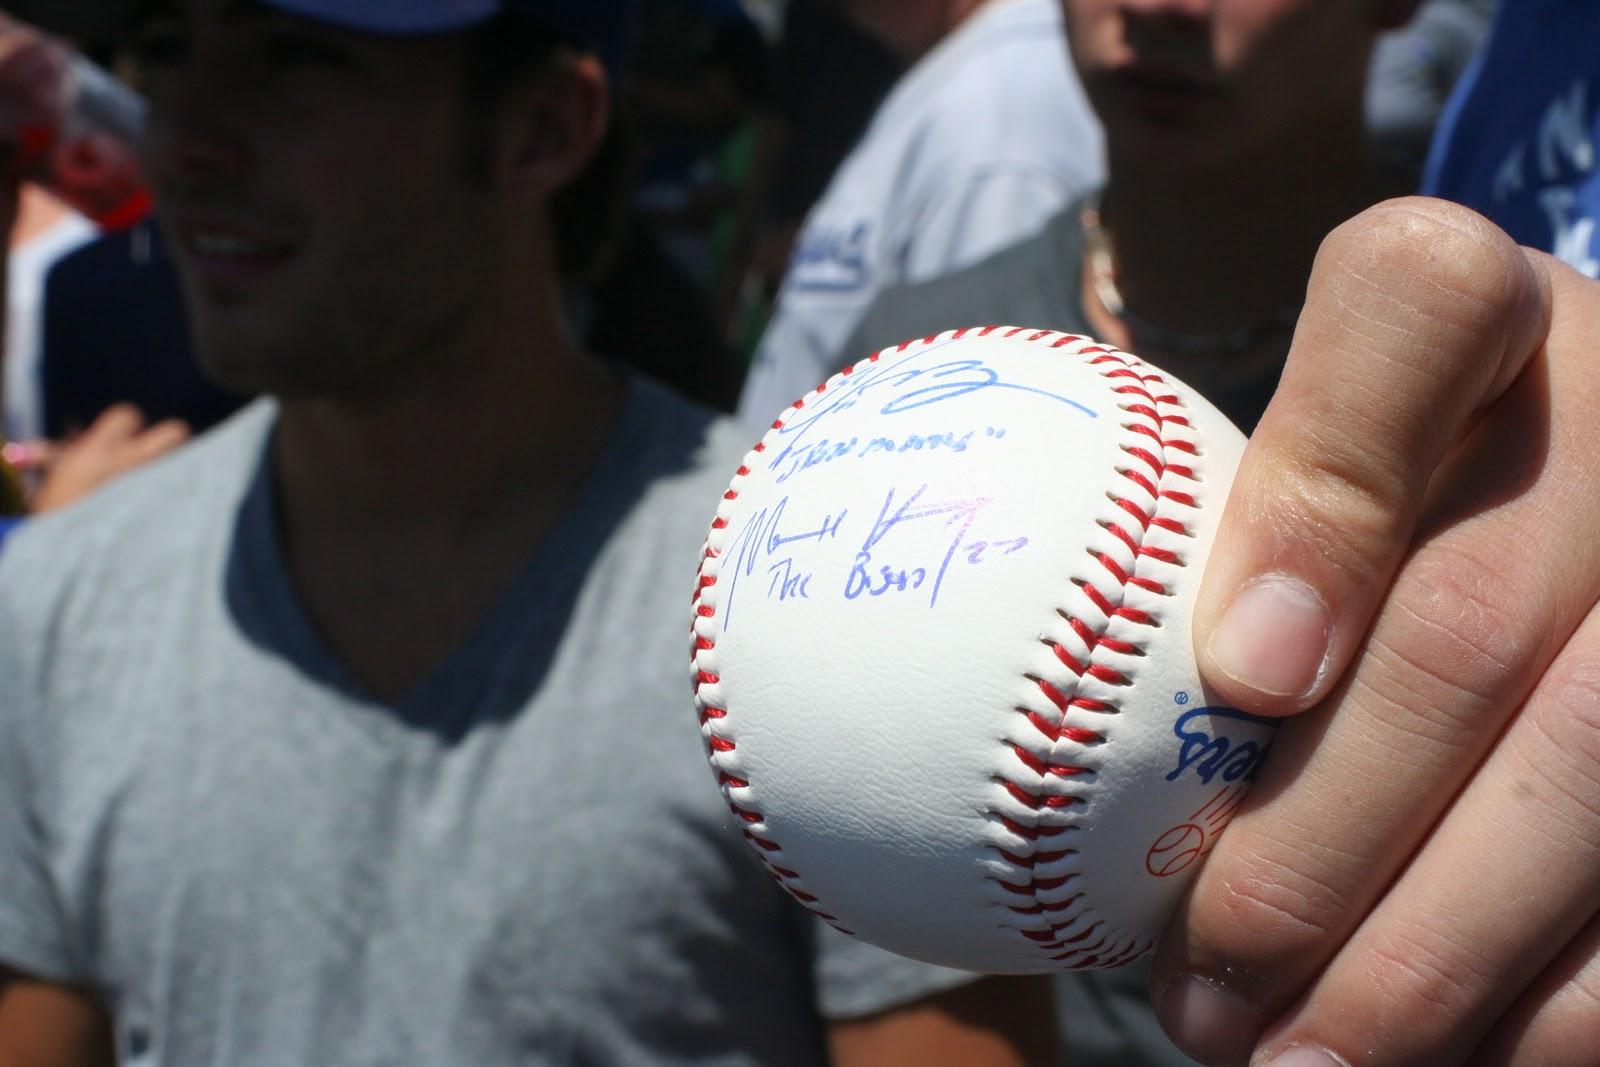 Kemp Autographed Matt Kemp Autograph Fail